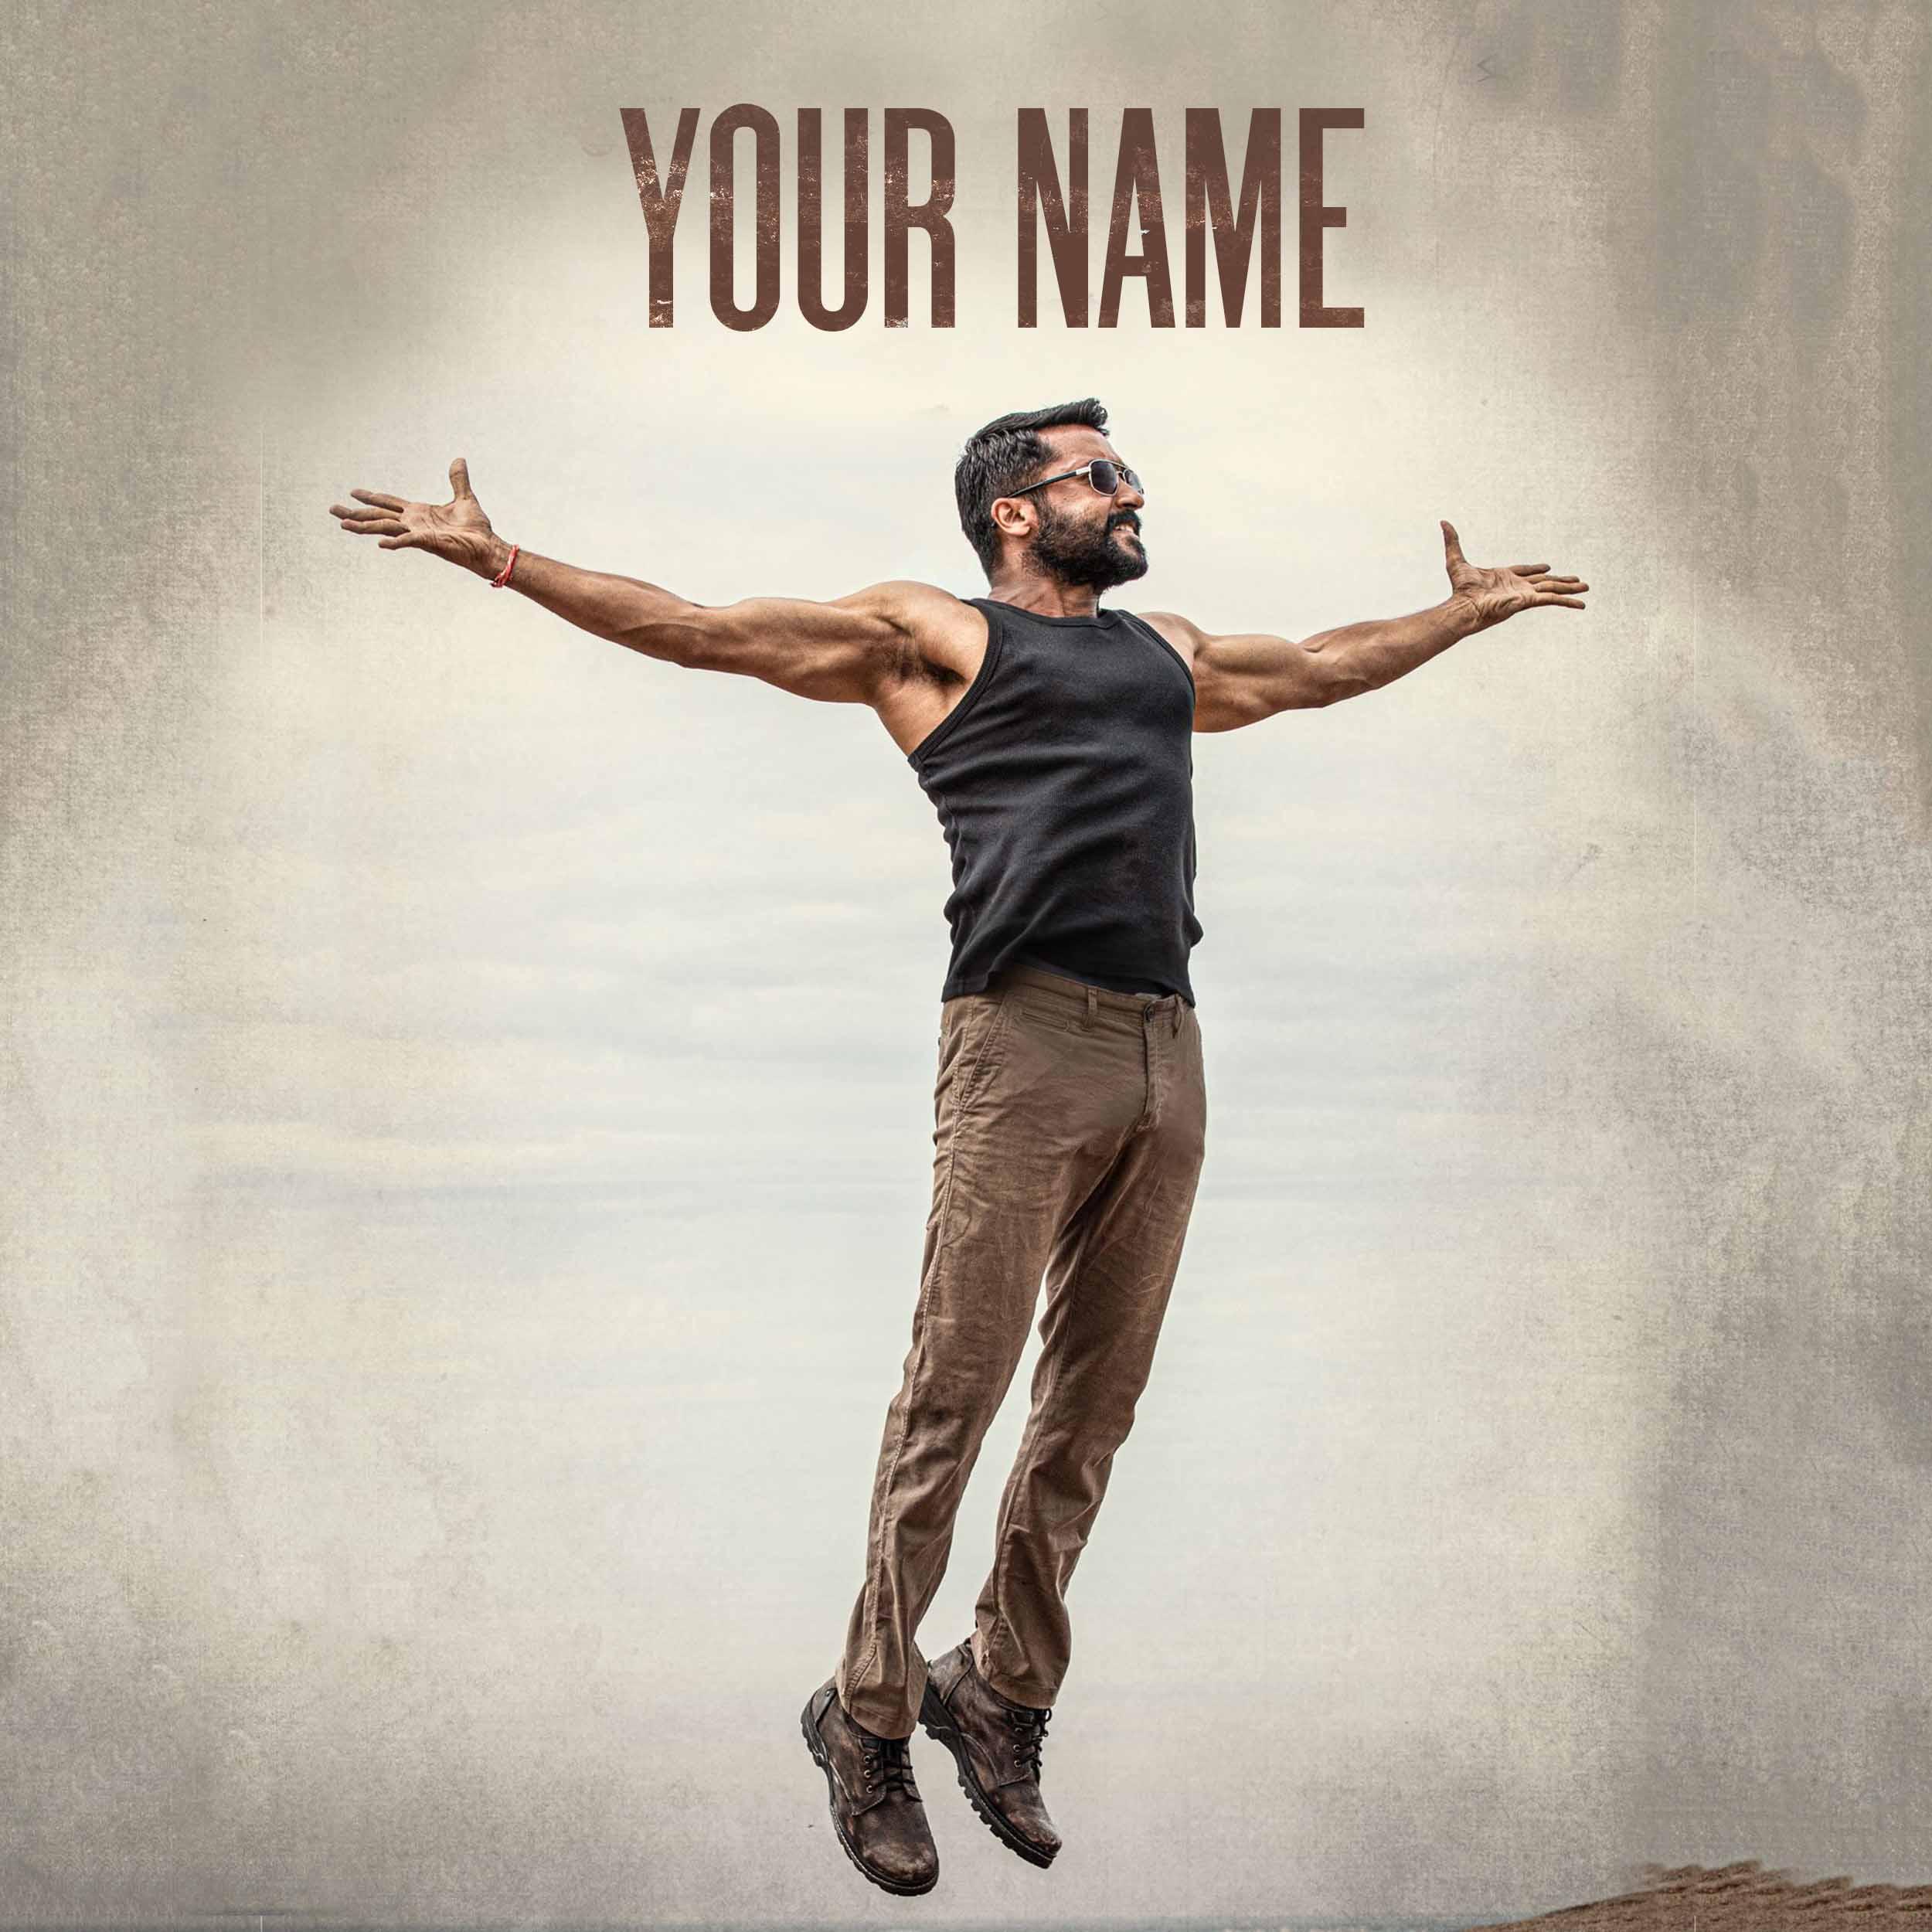 Soorarai Pootru Movie Font